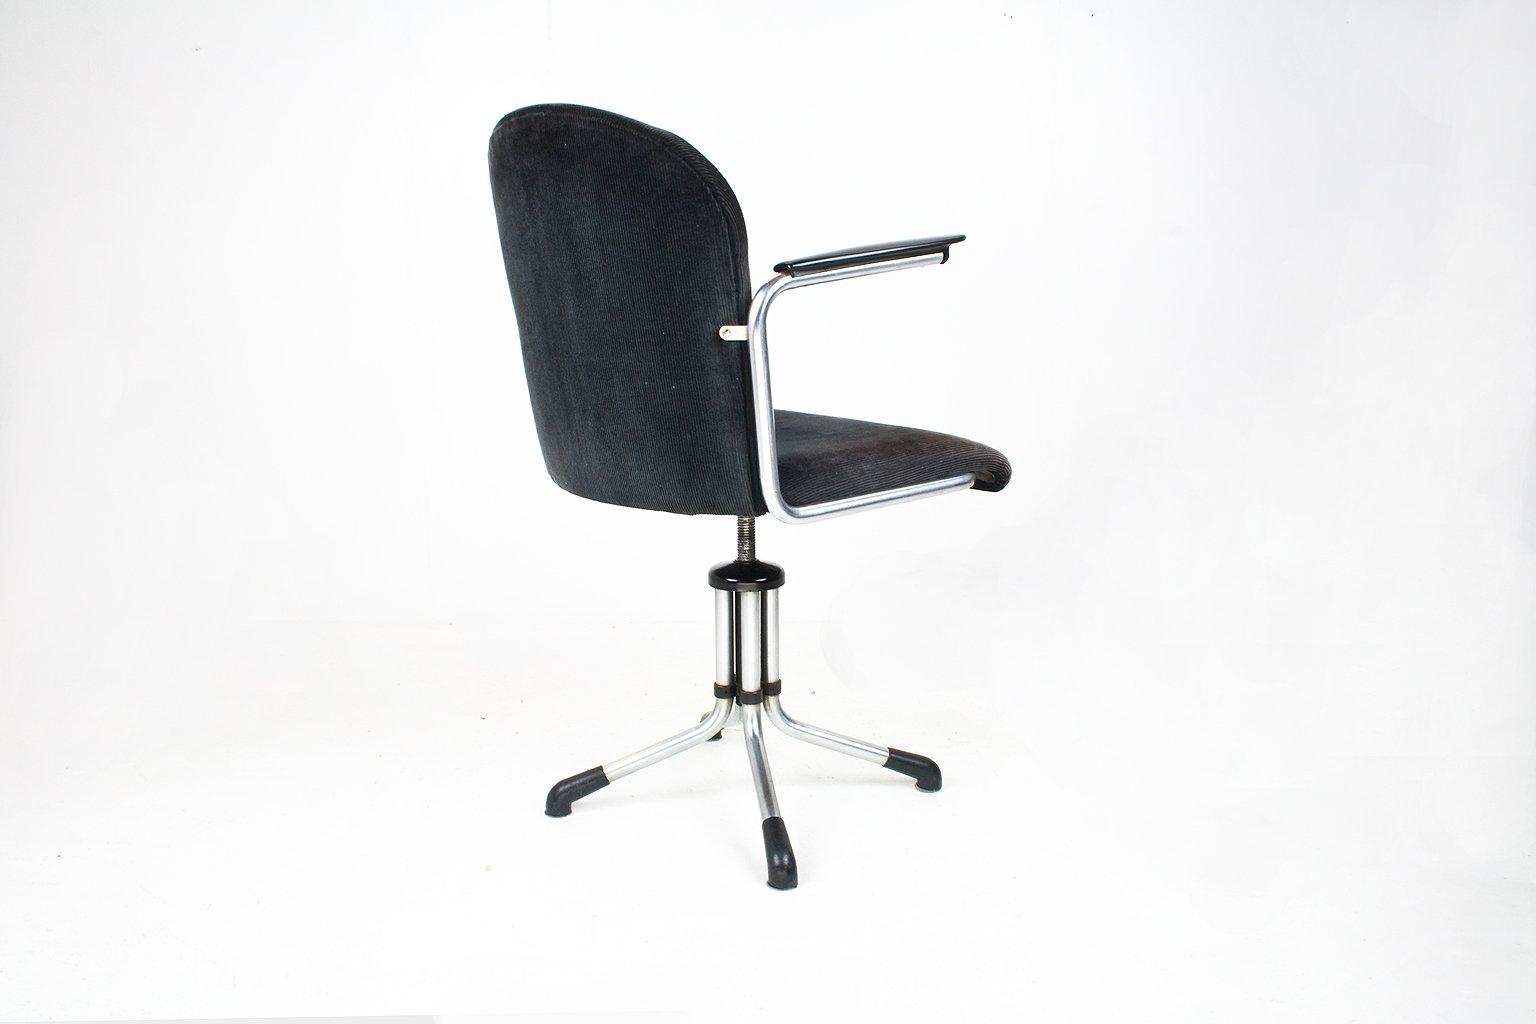 industrieller niederl ndischer modell 356 schreibtisch stuhl von willem gispen f r gispen. Black Bedroom Furniture Sets. Home Design Ideas